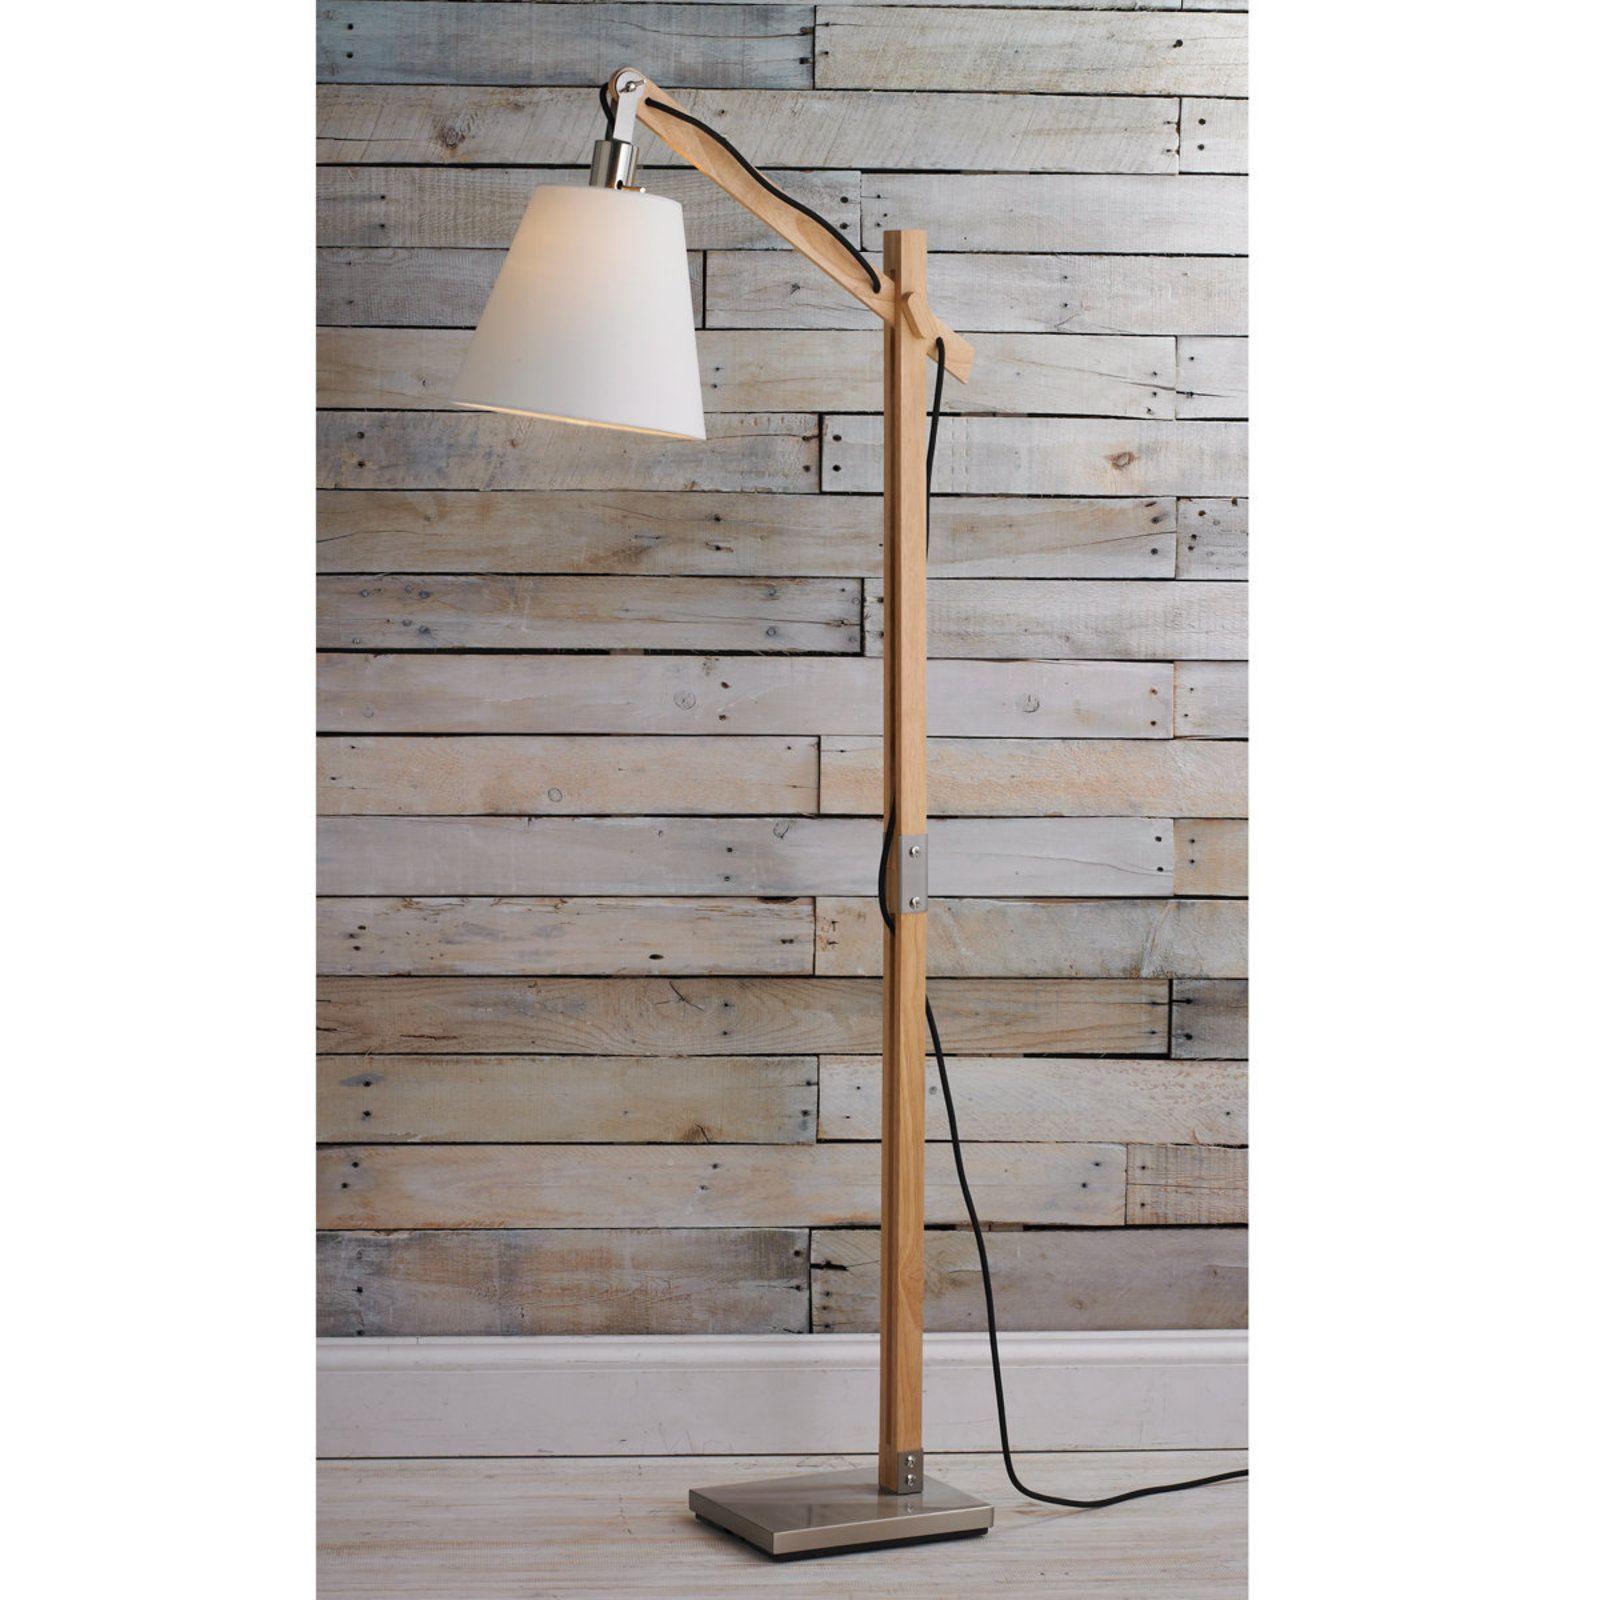 Modern Rustic Wood Arc Floor Lamp Natural Coollamp Rustic Floor Lamps Diy Floor Lamp Natural Floor Lamps